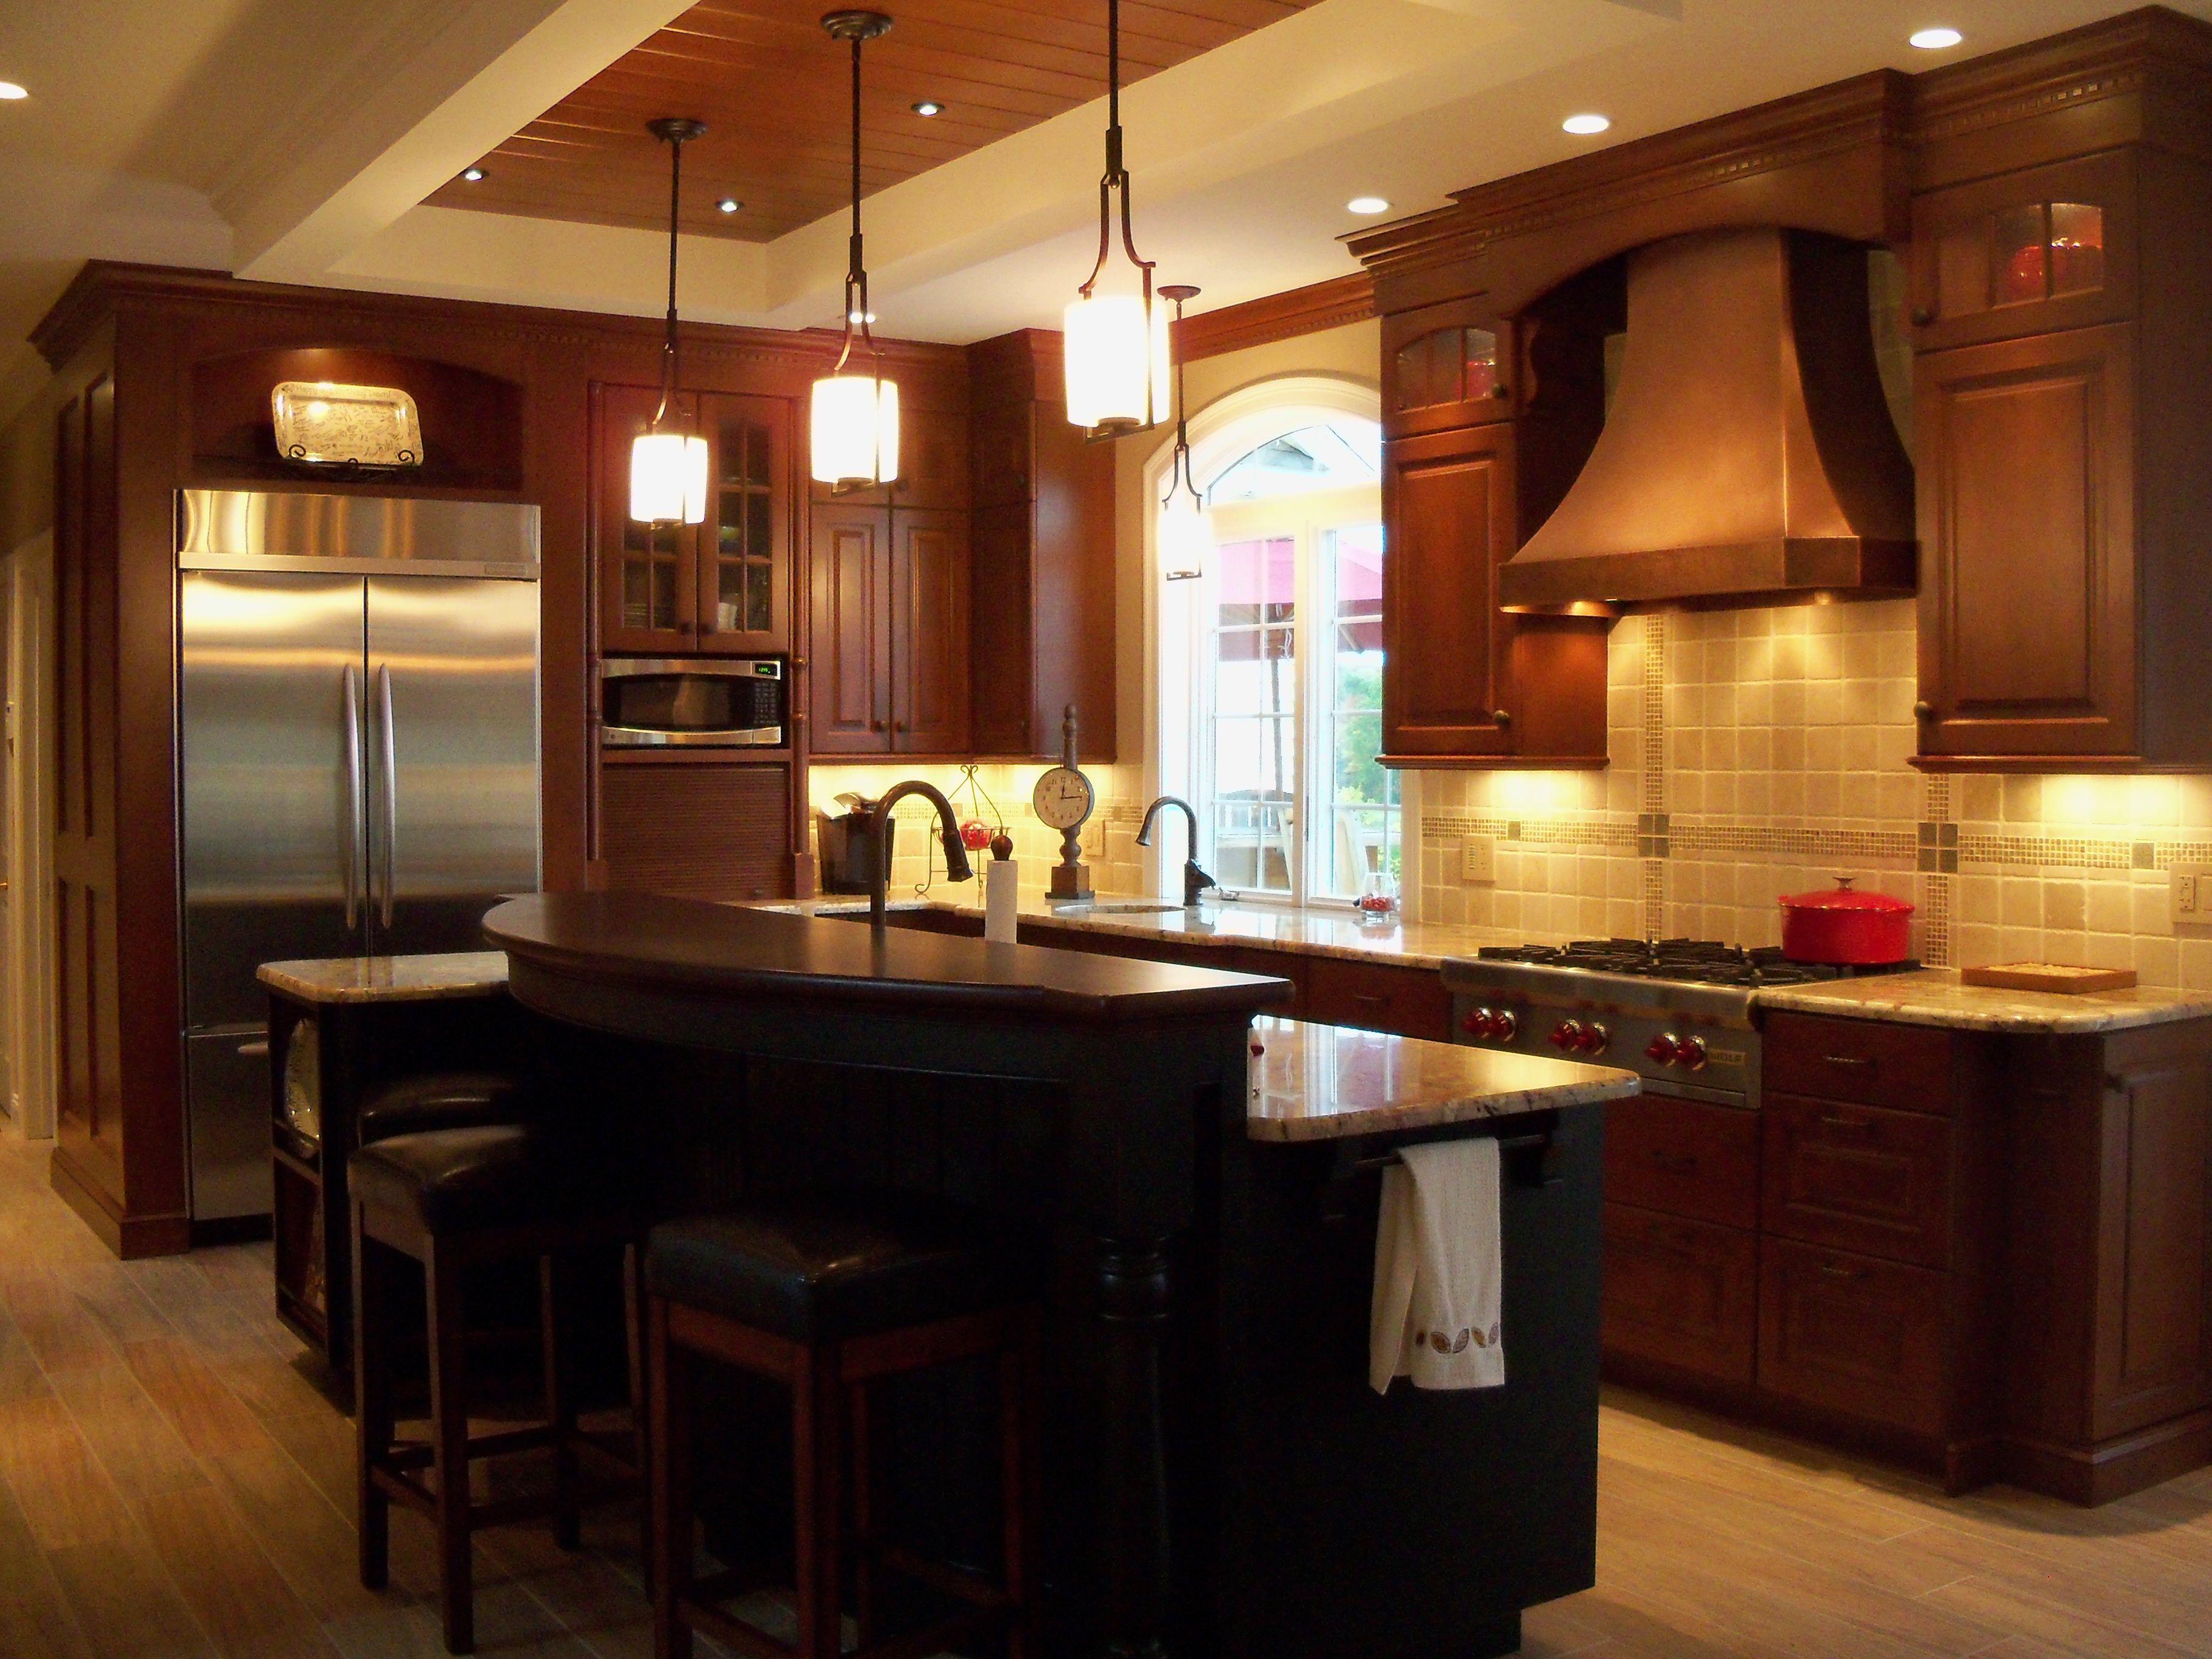 Old world kitchen my design pinterest for Old world kitchen designs